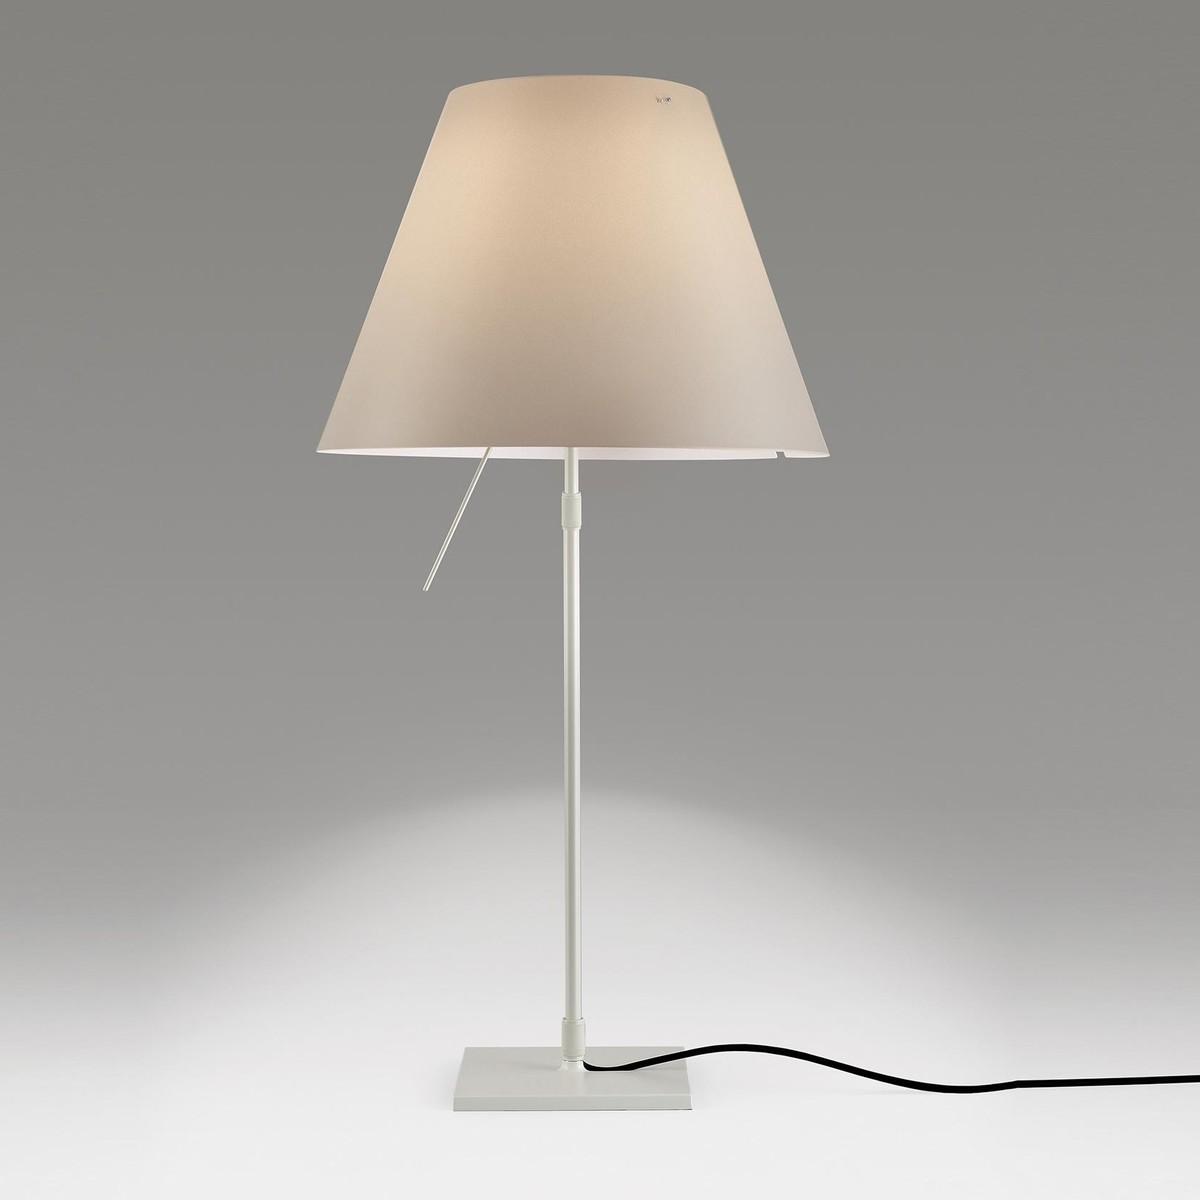 costanza tavolo mezzo tono lampe de table luceplan. Black Bedroom Furniture Sets. Home Design Ideas